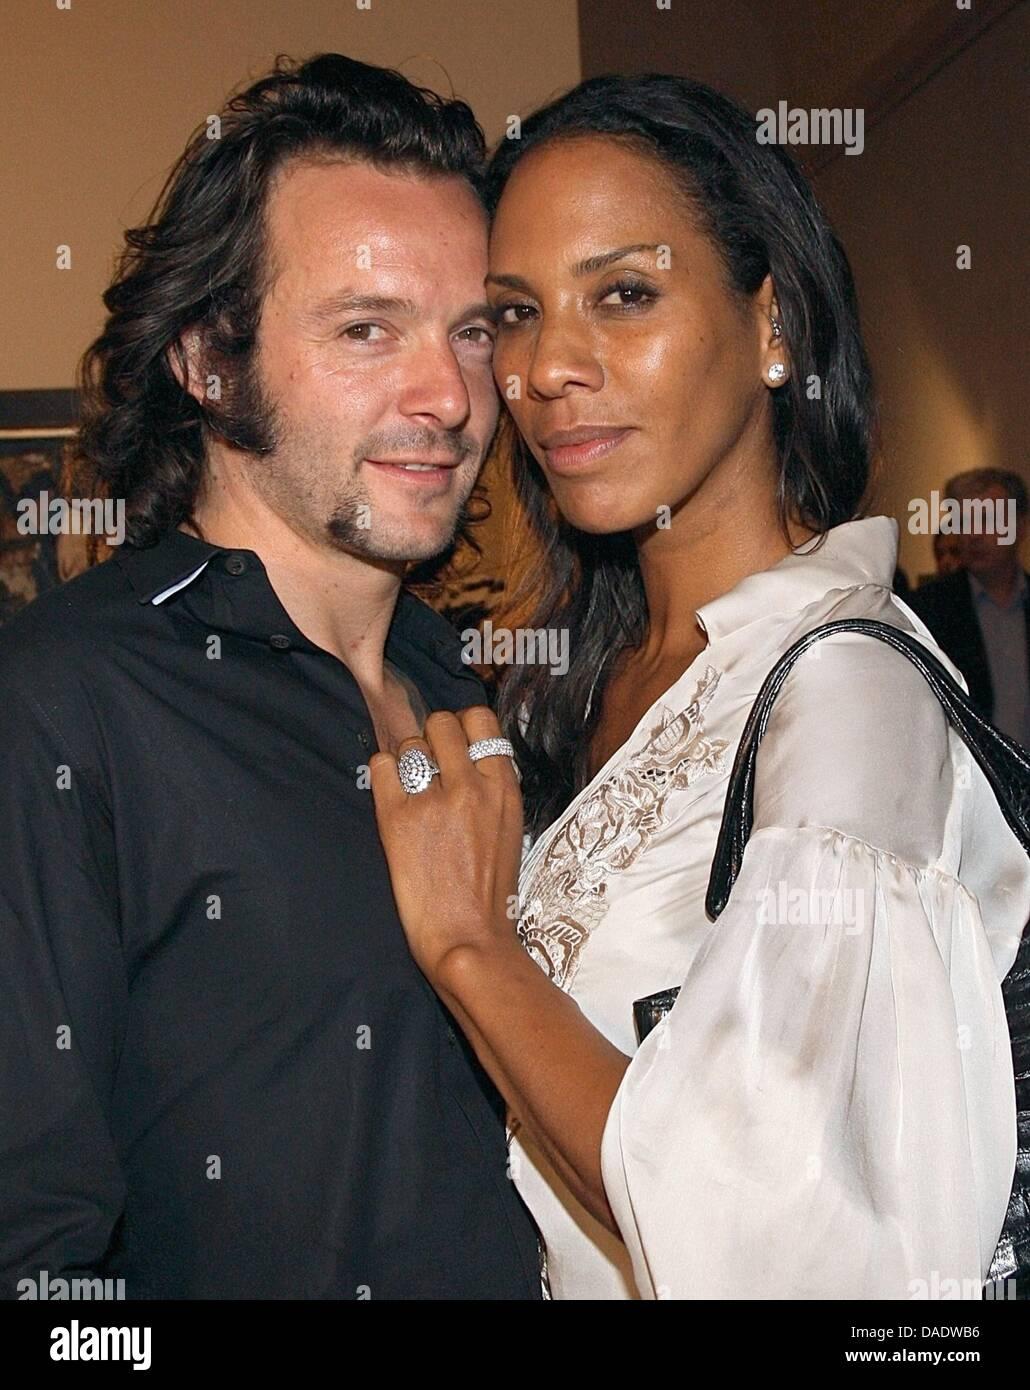 Datei - eine Archiv Bild datiert 16. September 2008 zeigt Barbara Becker und Arne Quinze in München. Laut der Zeitschrift Stockfoto